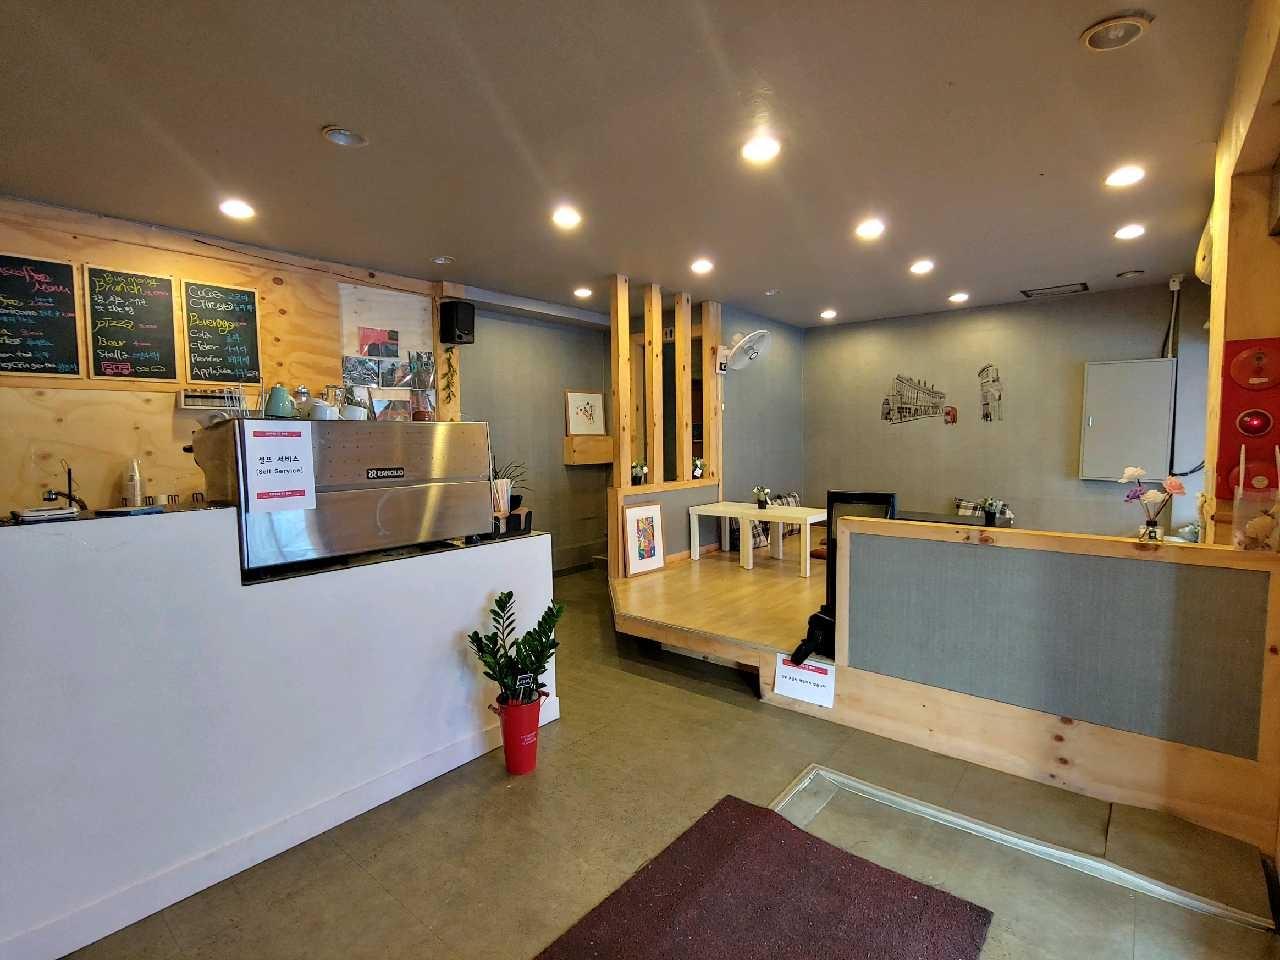 카페물품정리)정수기,제빙기, 카운터,온풍기,안내데스크(흰색),영업용냉장고